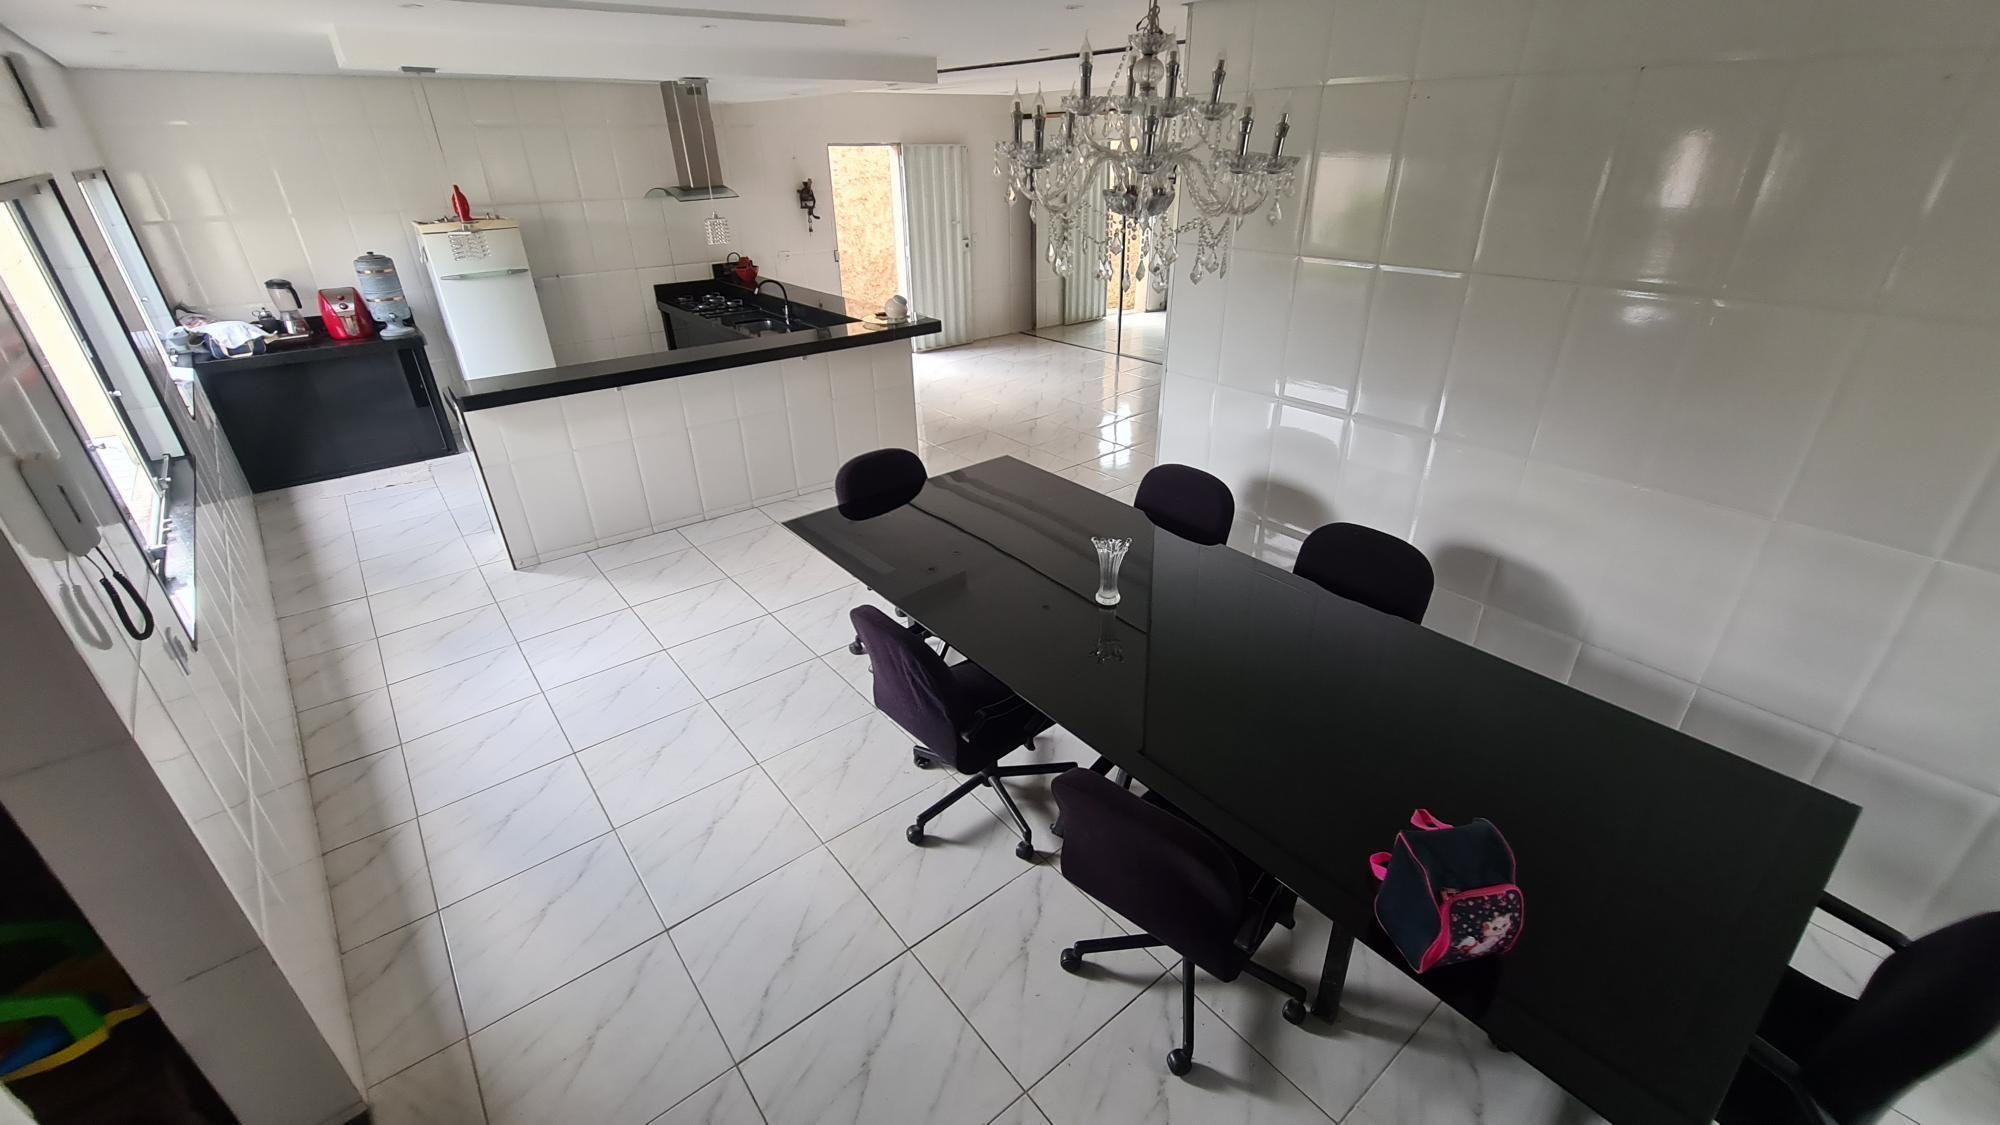 Casa à venda  no Lindéia,(Barreiro) - Belo Horizonte, MG. Imóveis